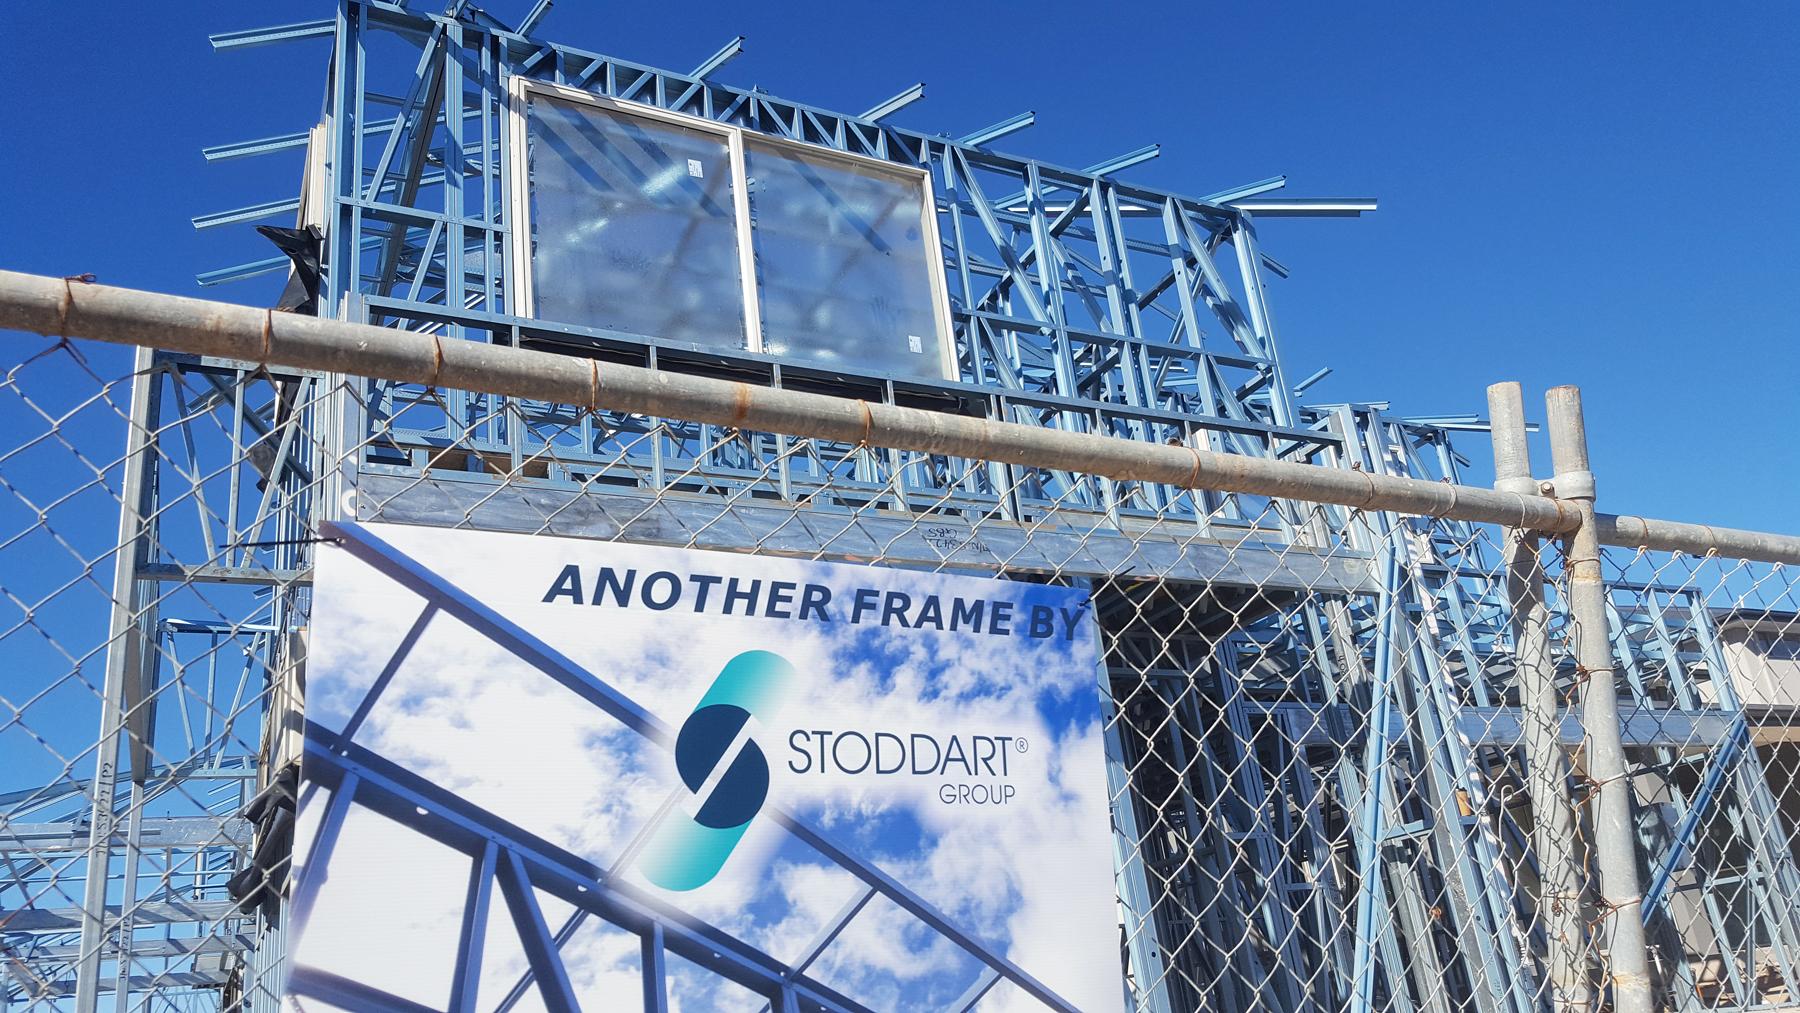 Stoddart Group Steel Framing